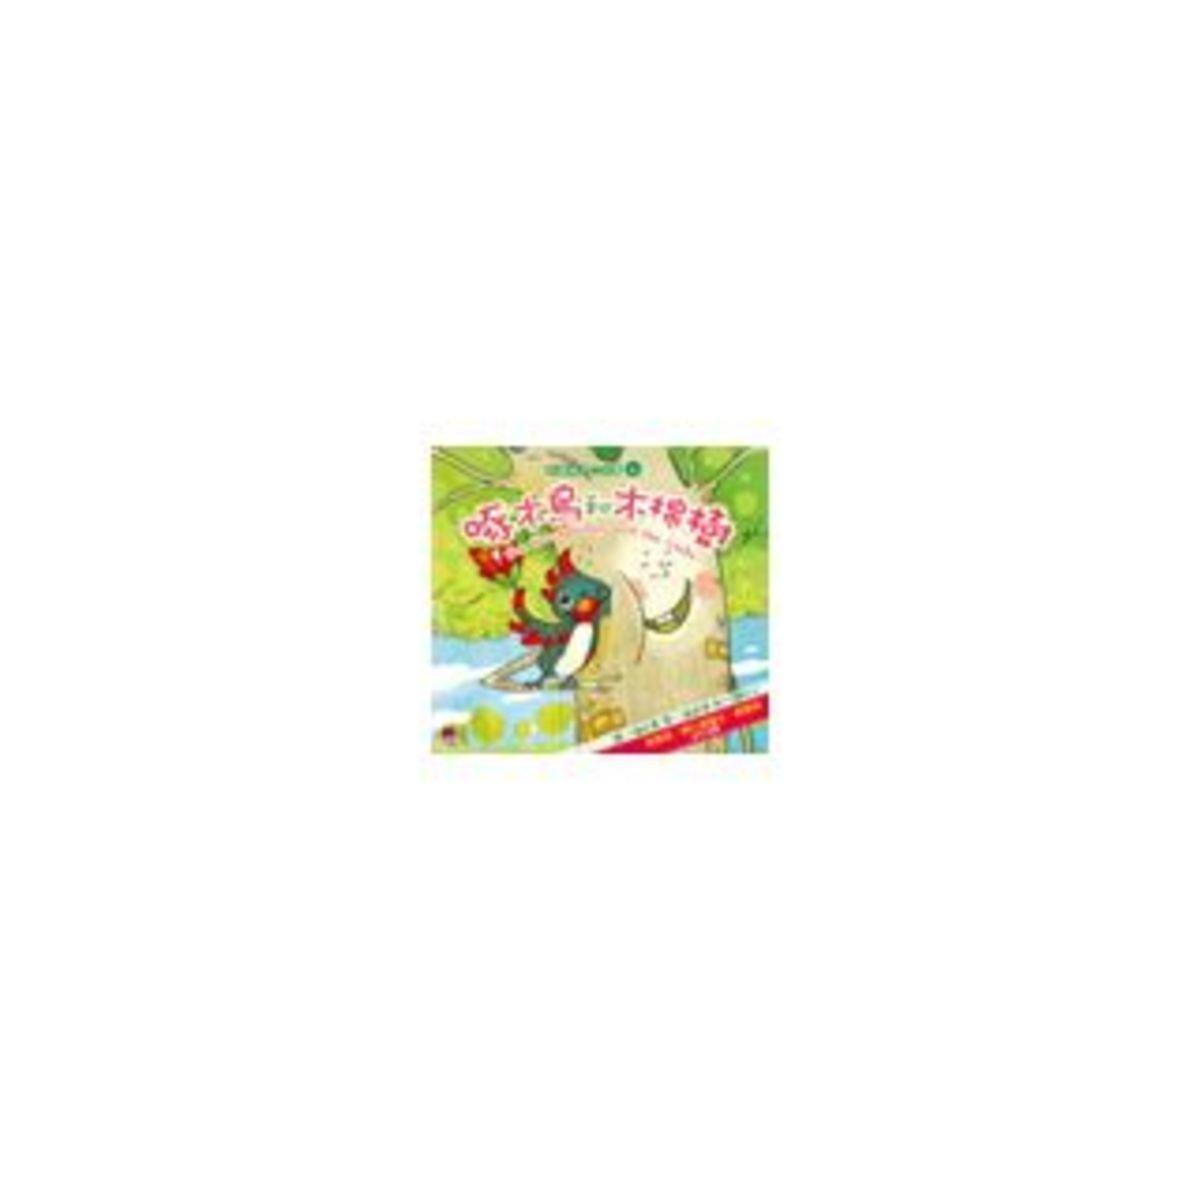 啄木鳥和木棉樹